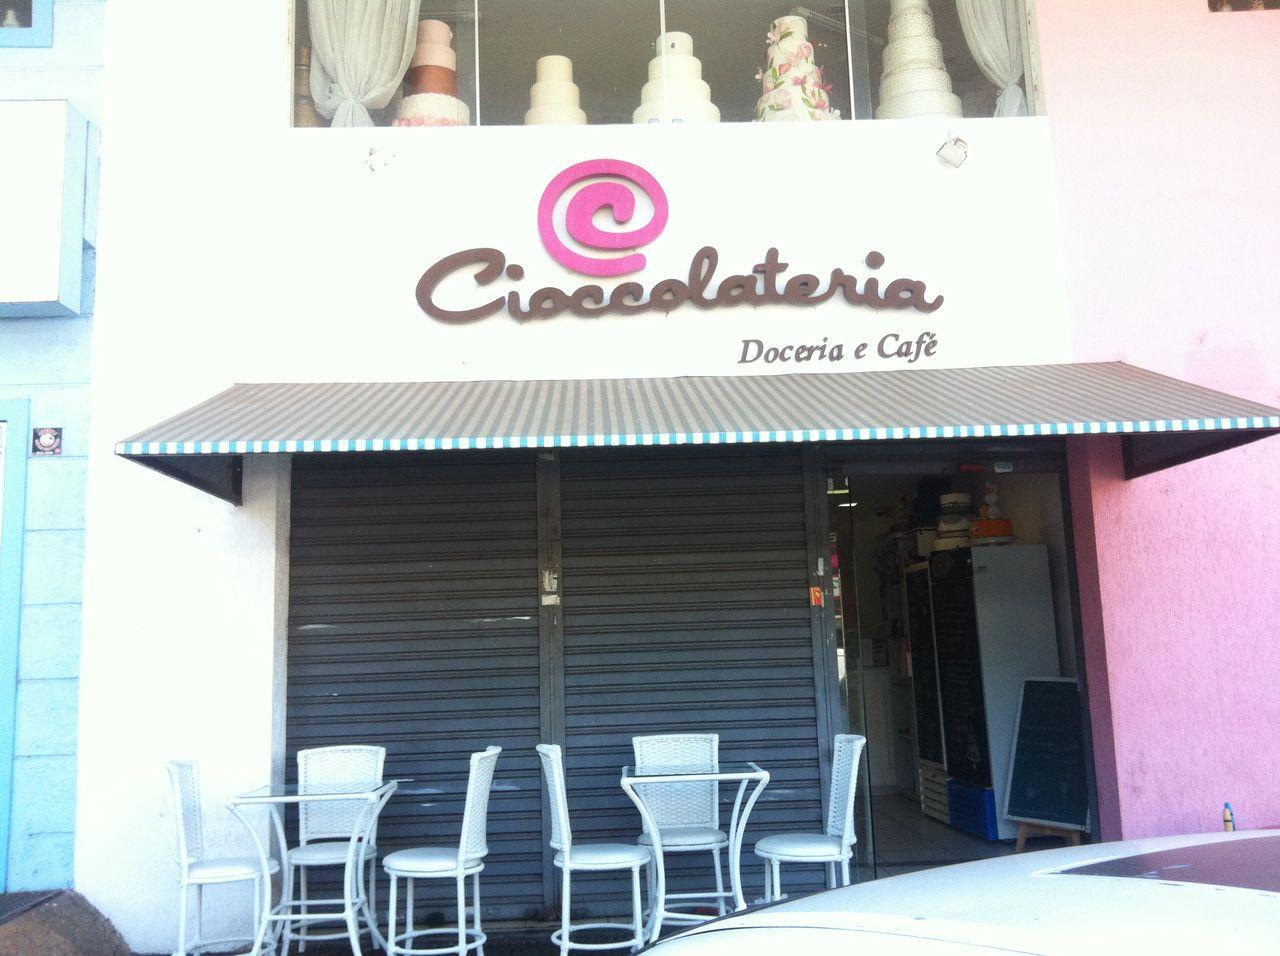 Cia Chocolateria, Doceria e Café, 61 3242-6399, CLS 410, Bloco A, Loja 13, Asa Sul, Comércio Brasilia